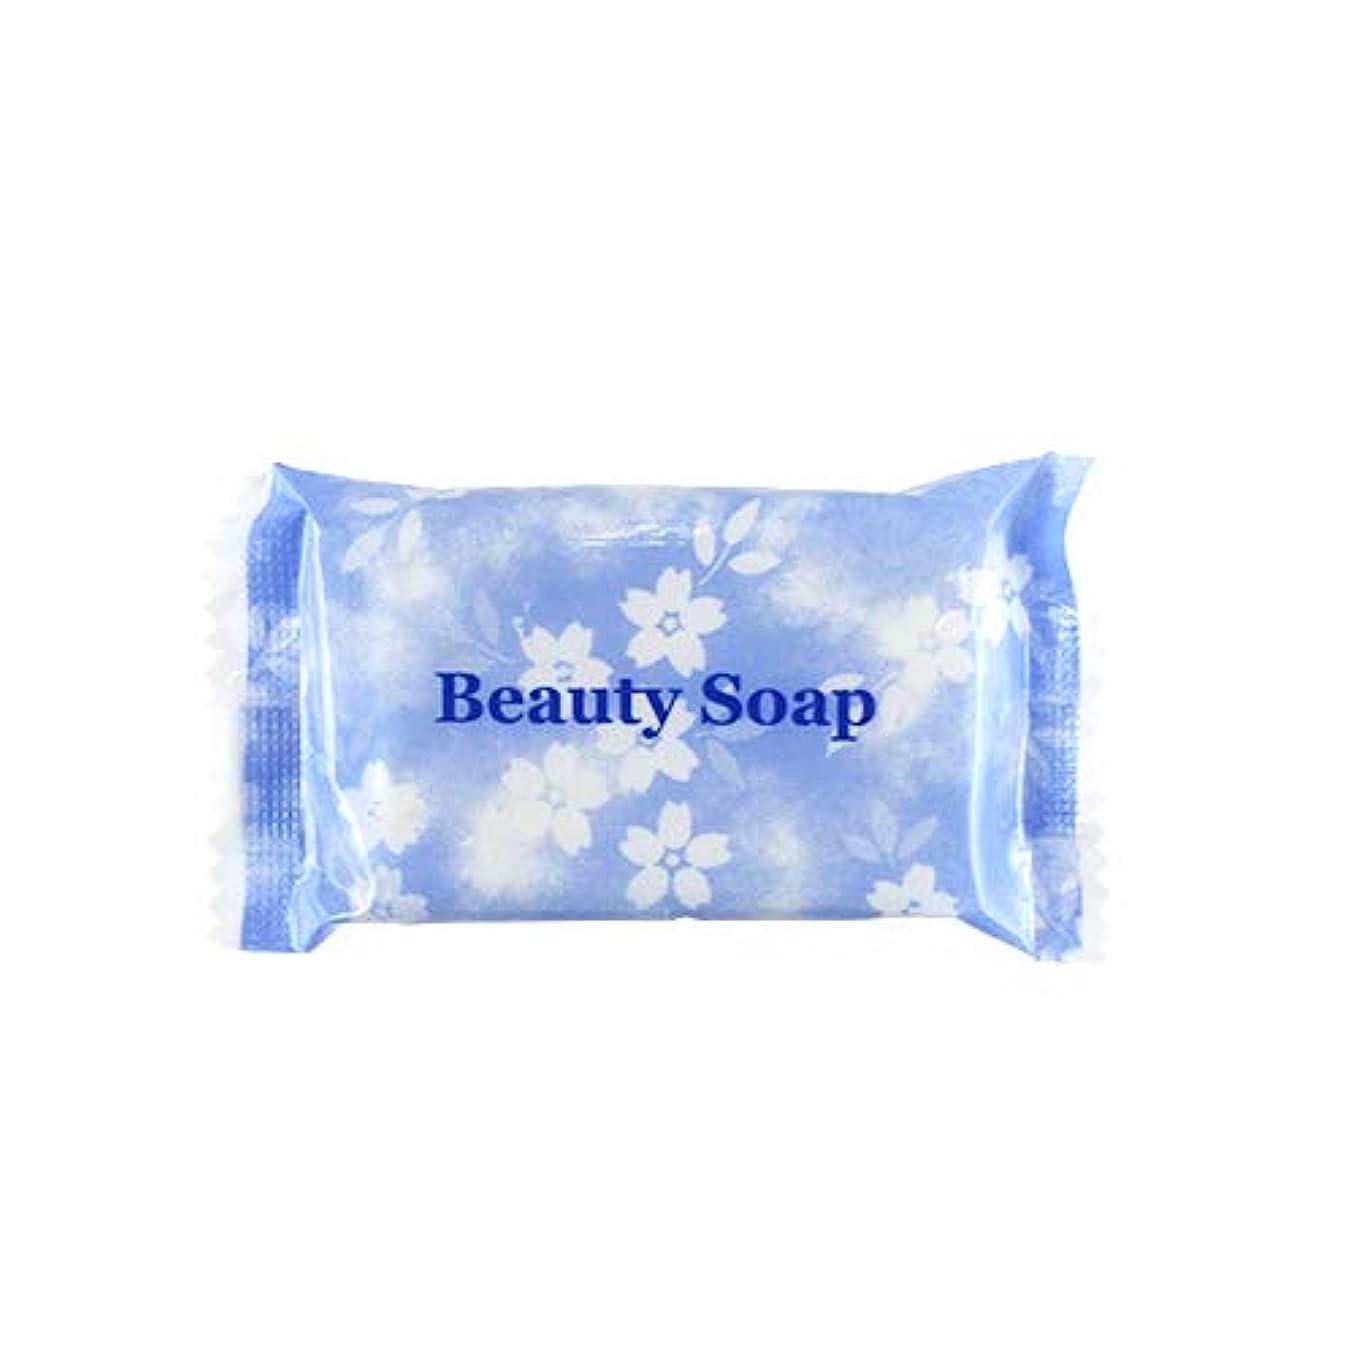 ジョットディボンドン食事打ち上げる業務用 クロバーコーポレーション ビューティーソープ(Beauty Soap) 15g×100個セット | ホテルアメニティ 個包装